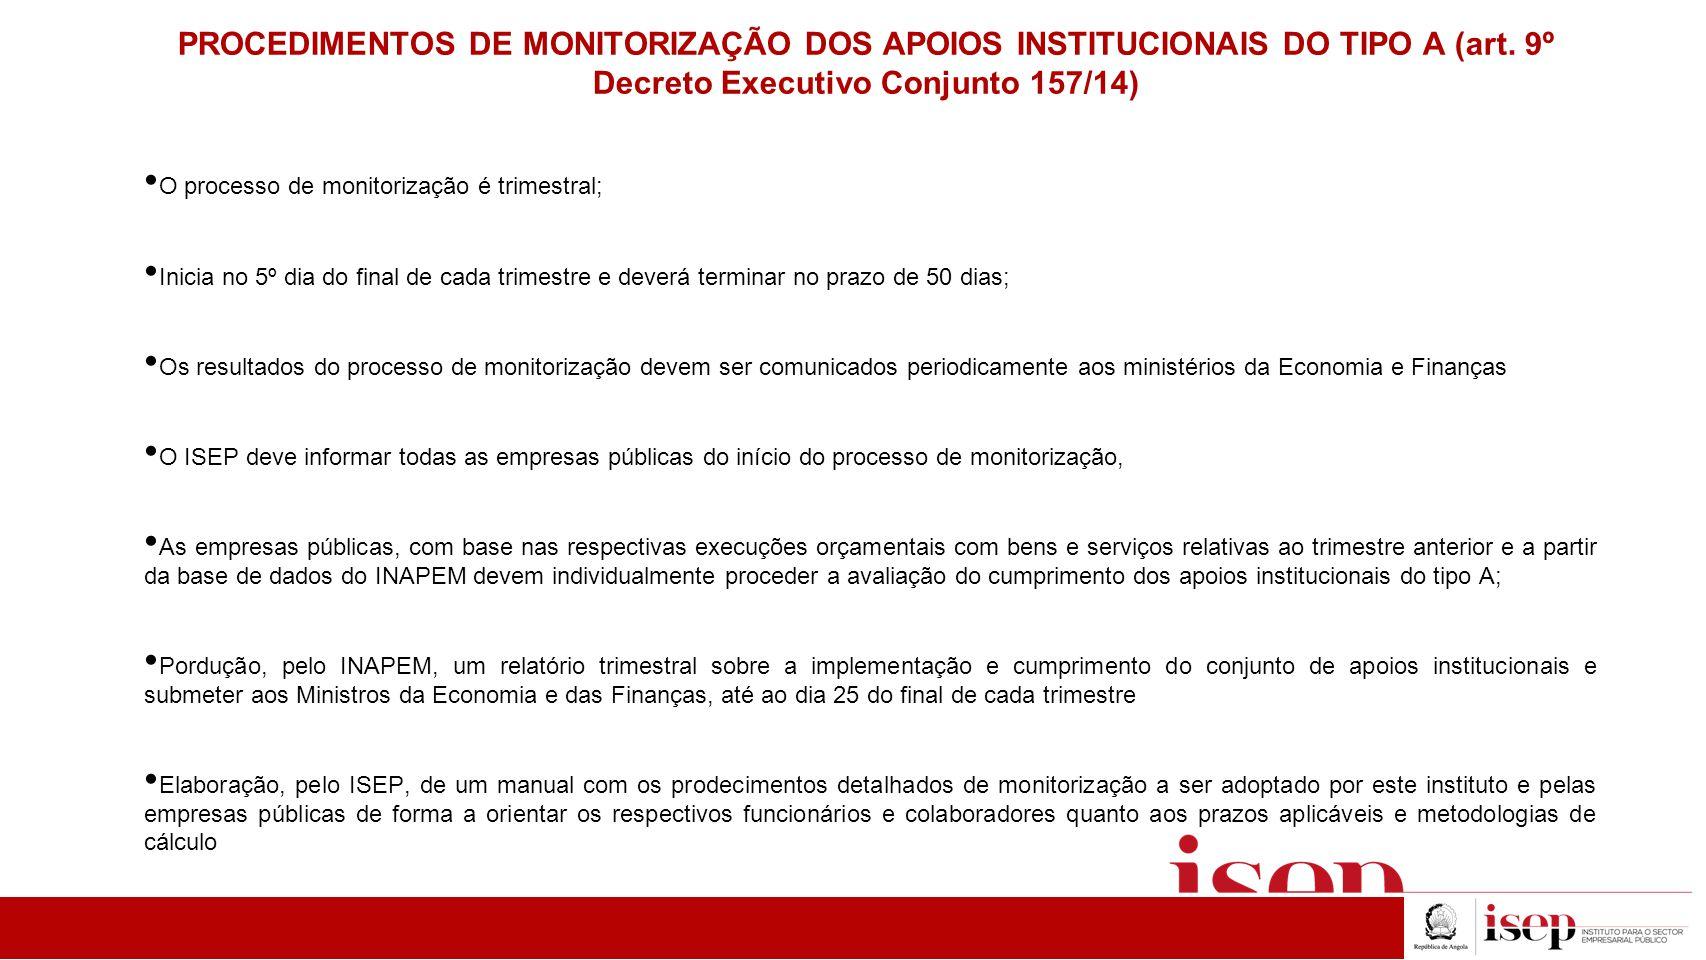 PROCEDIMENTOS DE MONITORIZAÇÃO DOS APOIOS INSTITUCIONAIS DO TIPO A (art.